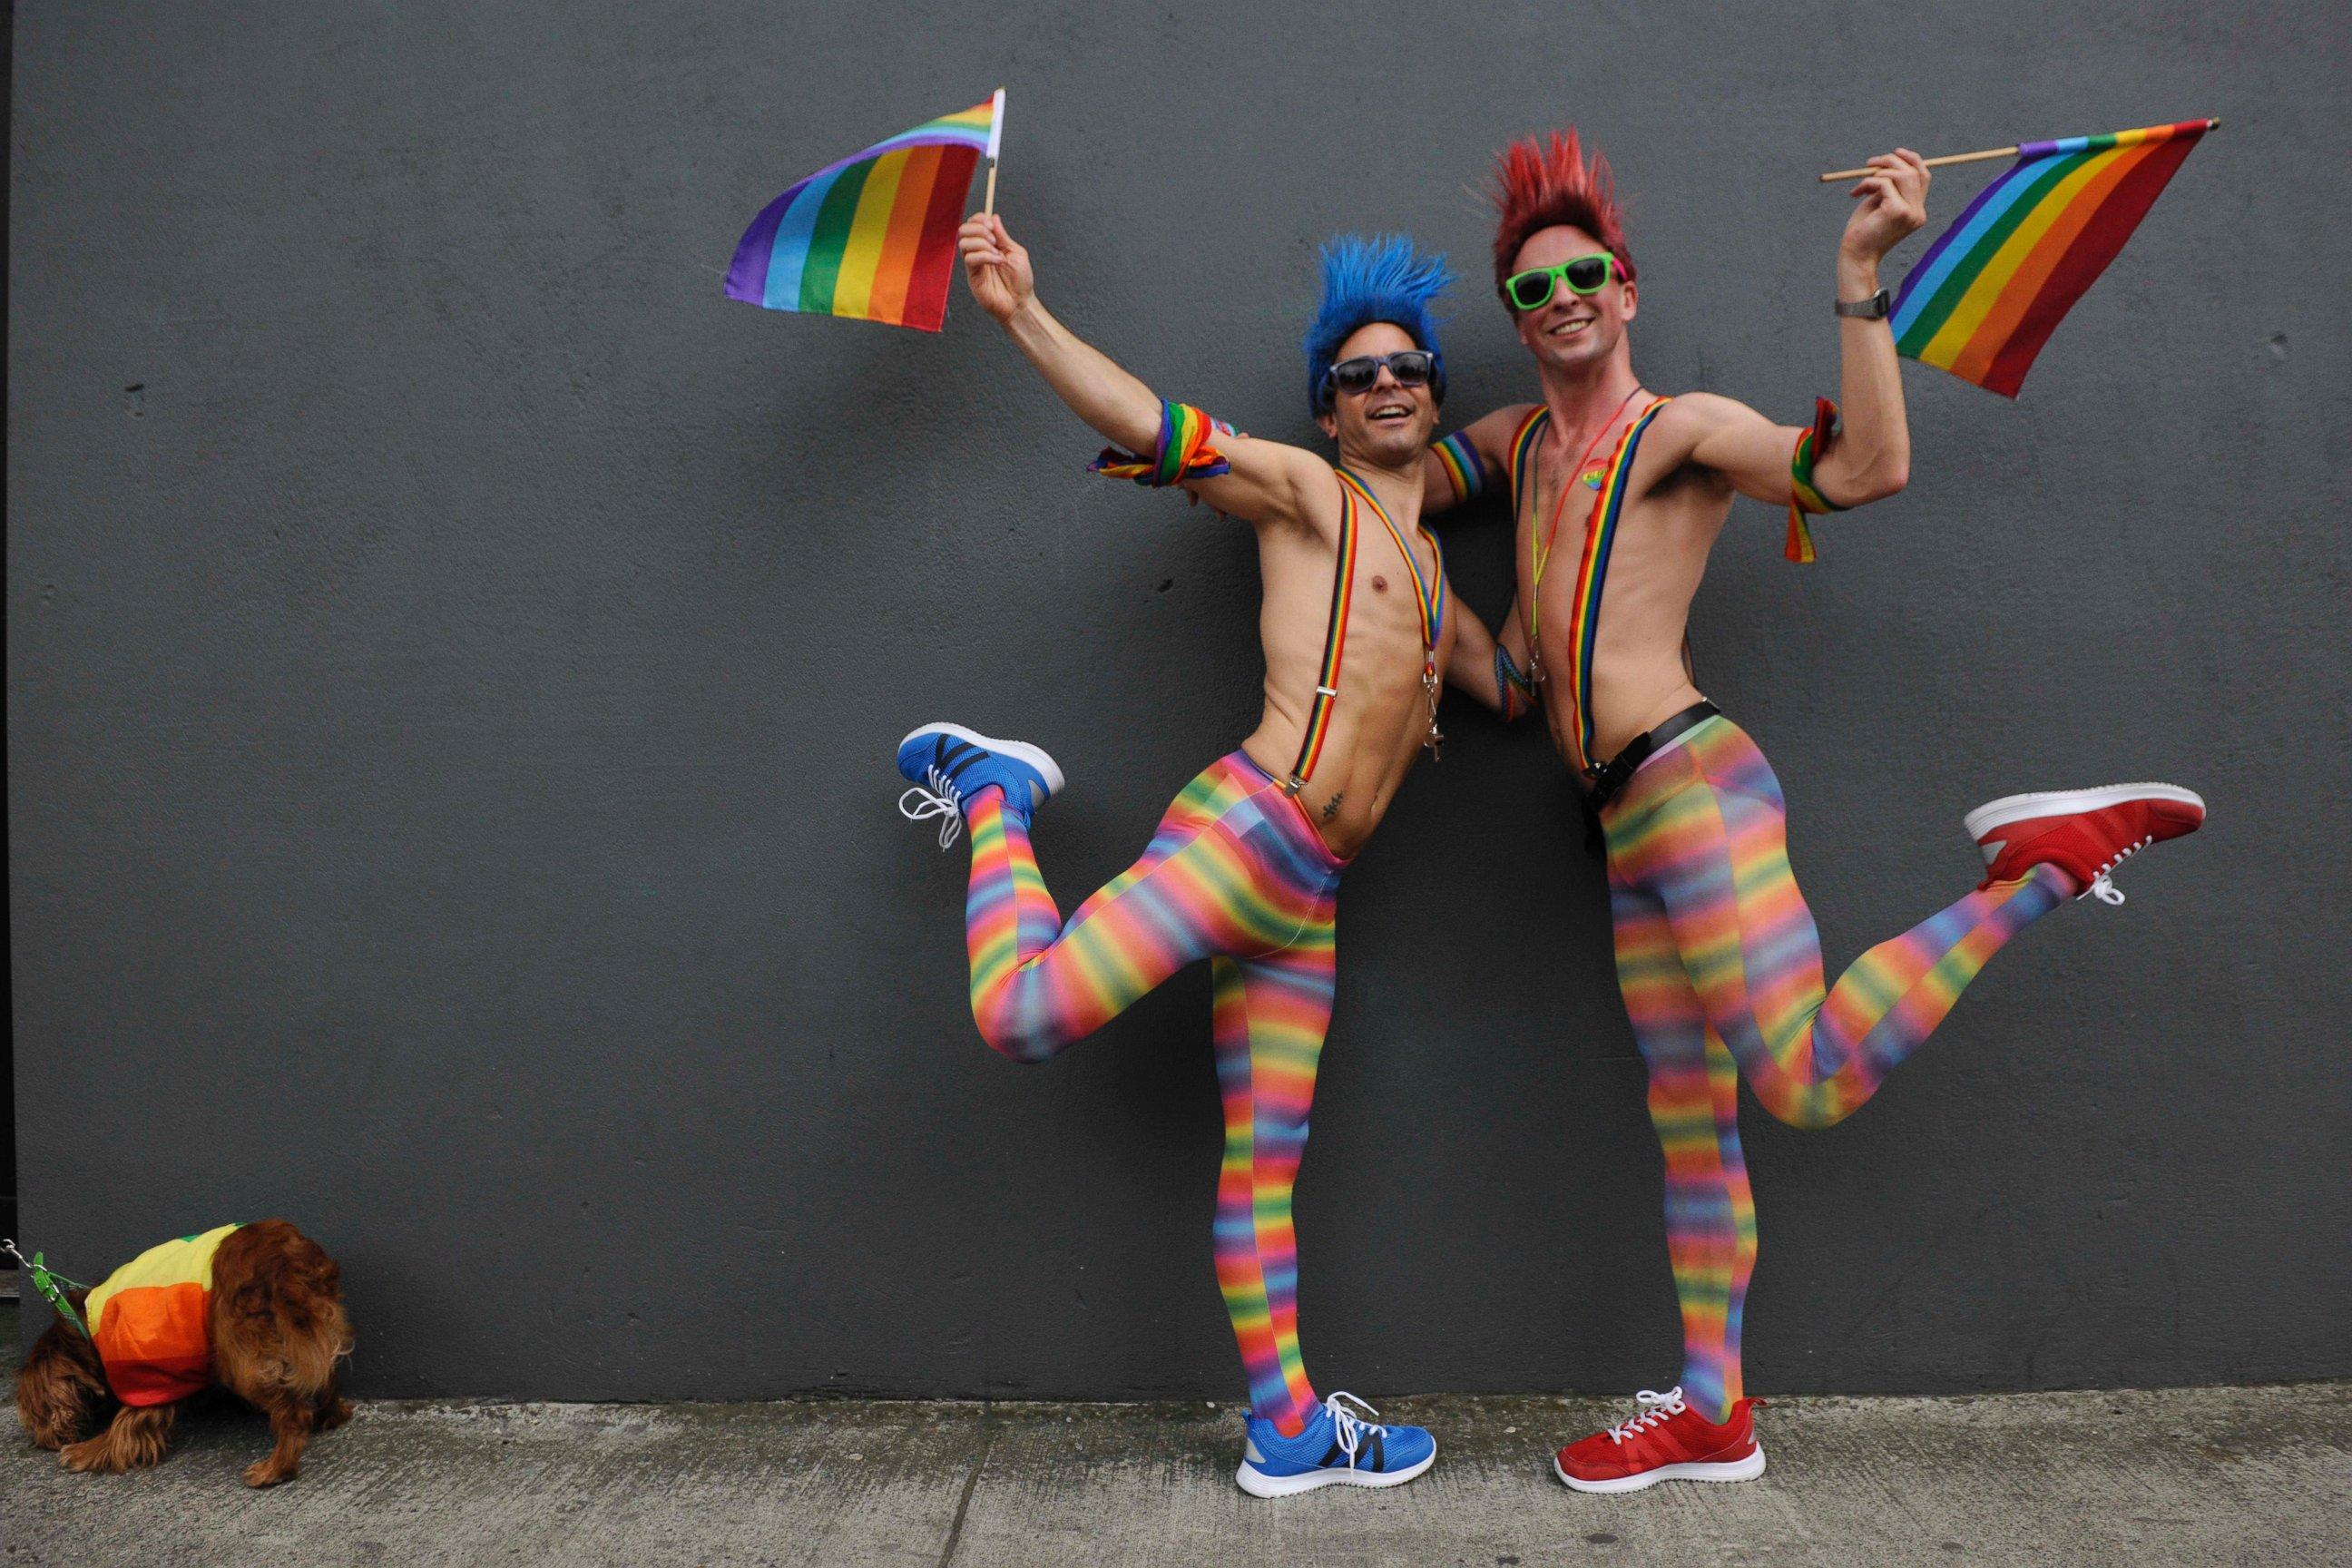 fiocco arcobaleno gay prade